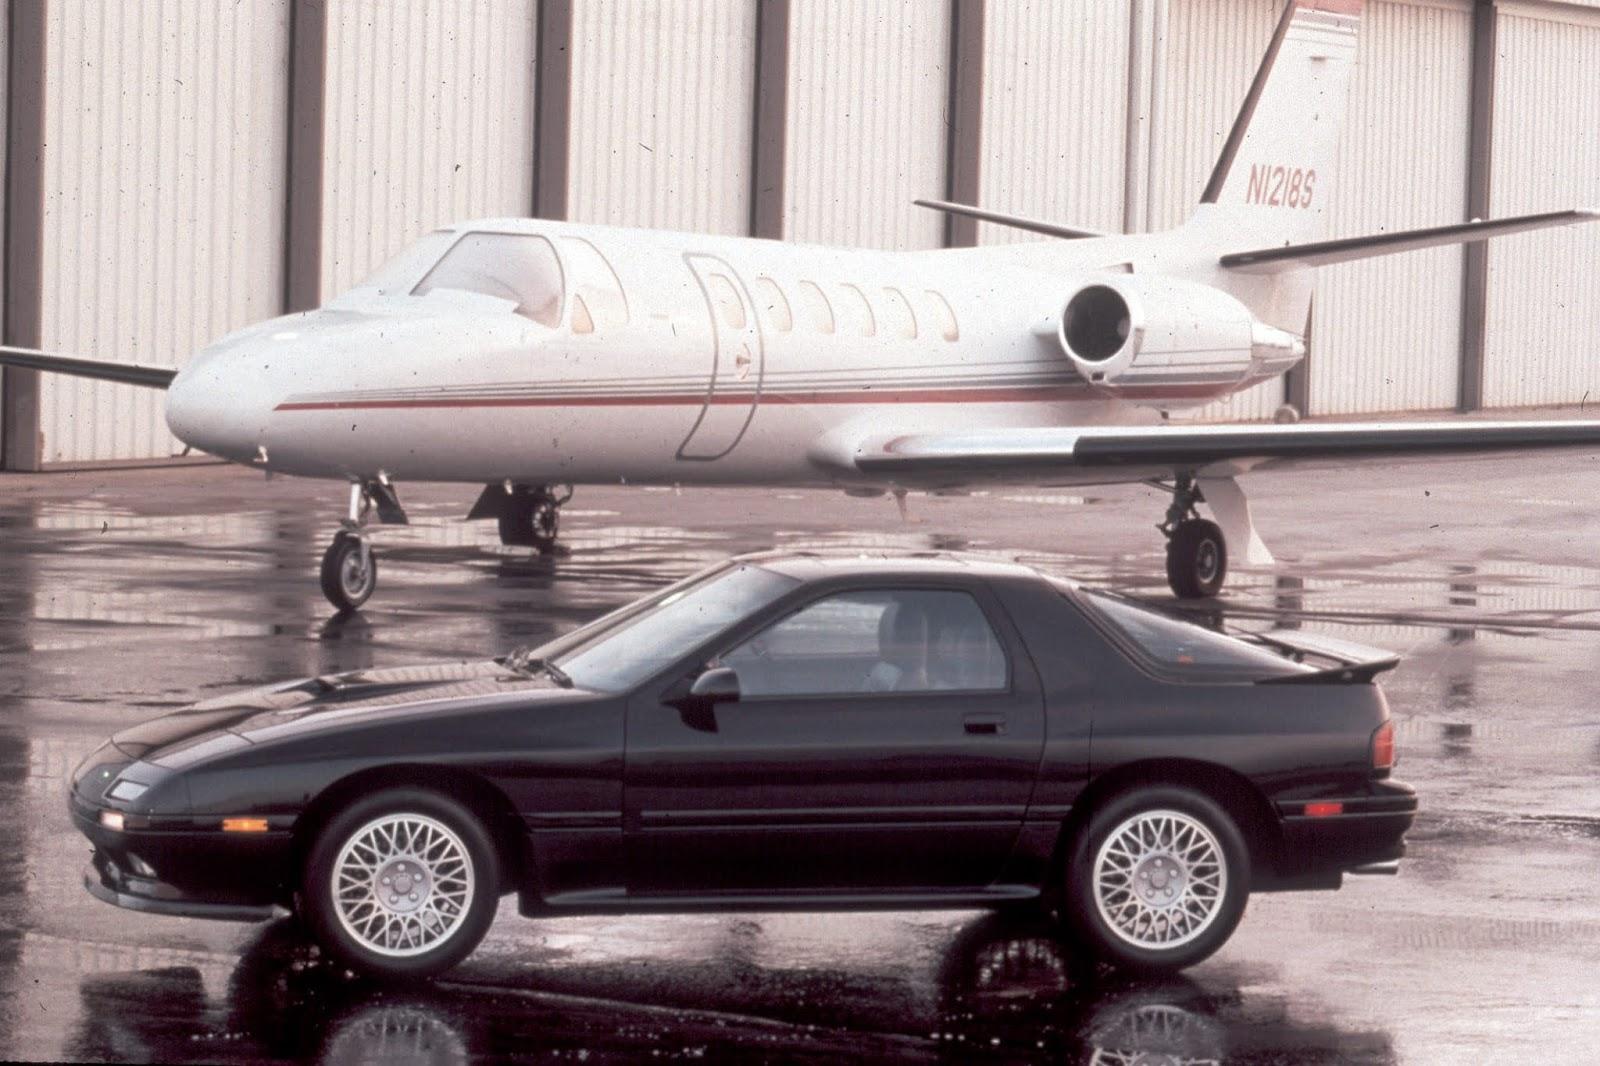 Mazda RX 7 Generation 2 Turbo 1991 Mazda RX-7. Επαναπροσδιορίζοντας την οδηγική απόλαυση μέσω του περιστροφικού κινητήρα Mazda, Mazda RX-7, Rotary, RX7, Wankel, zblog